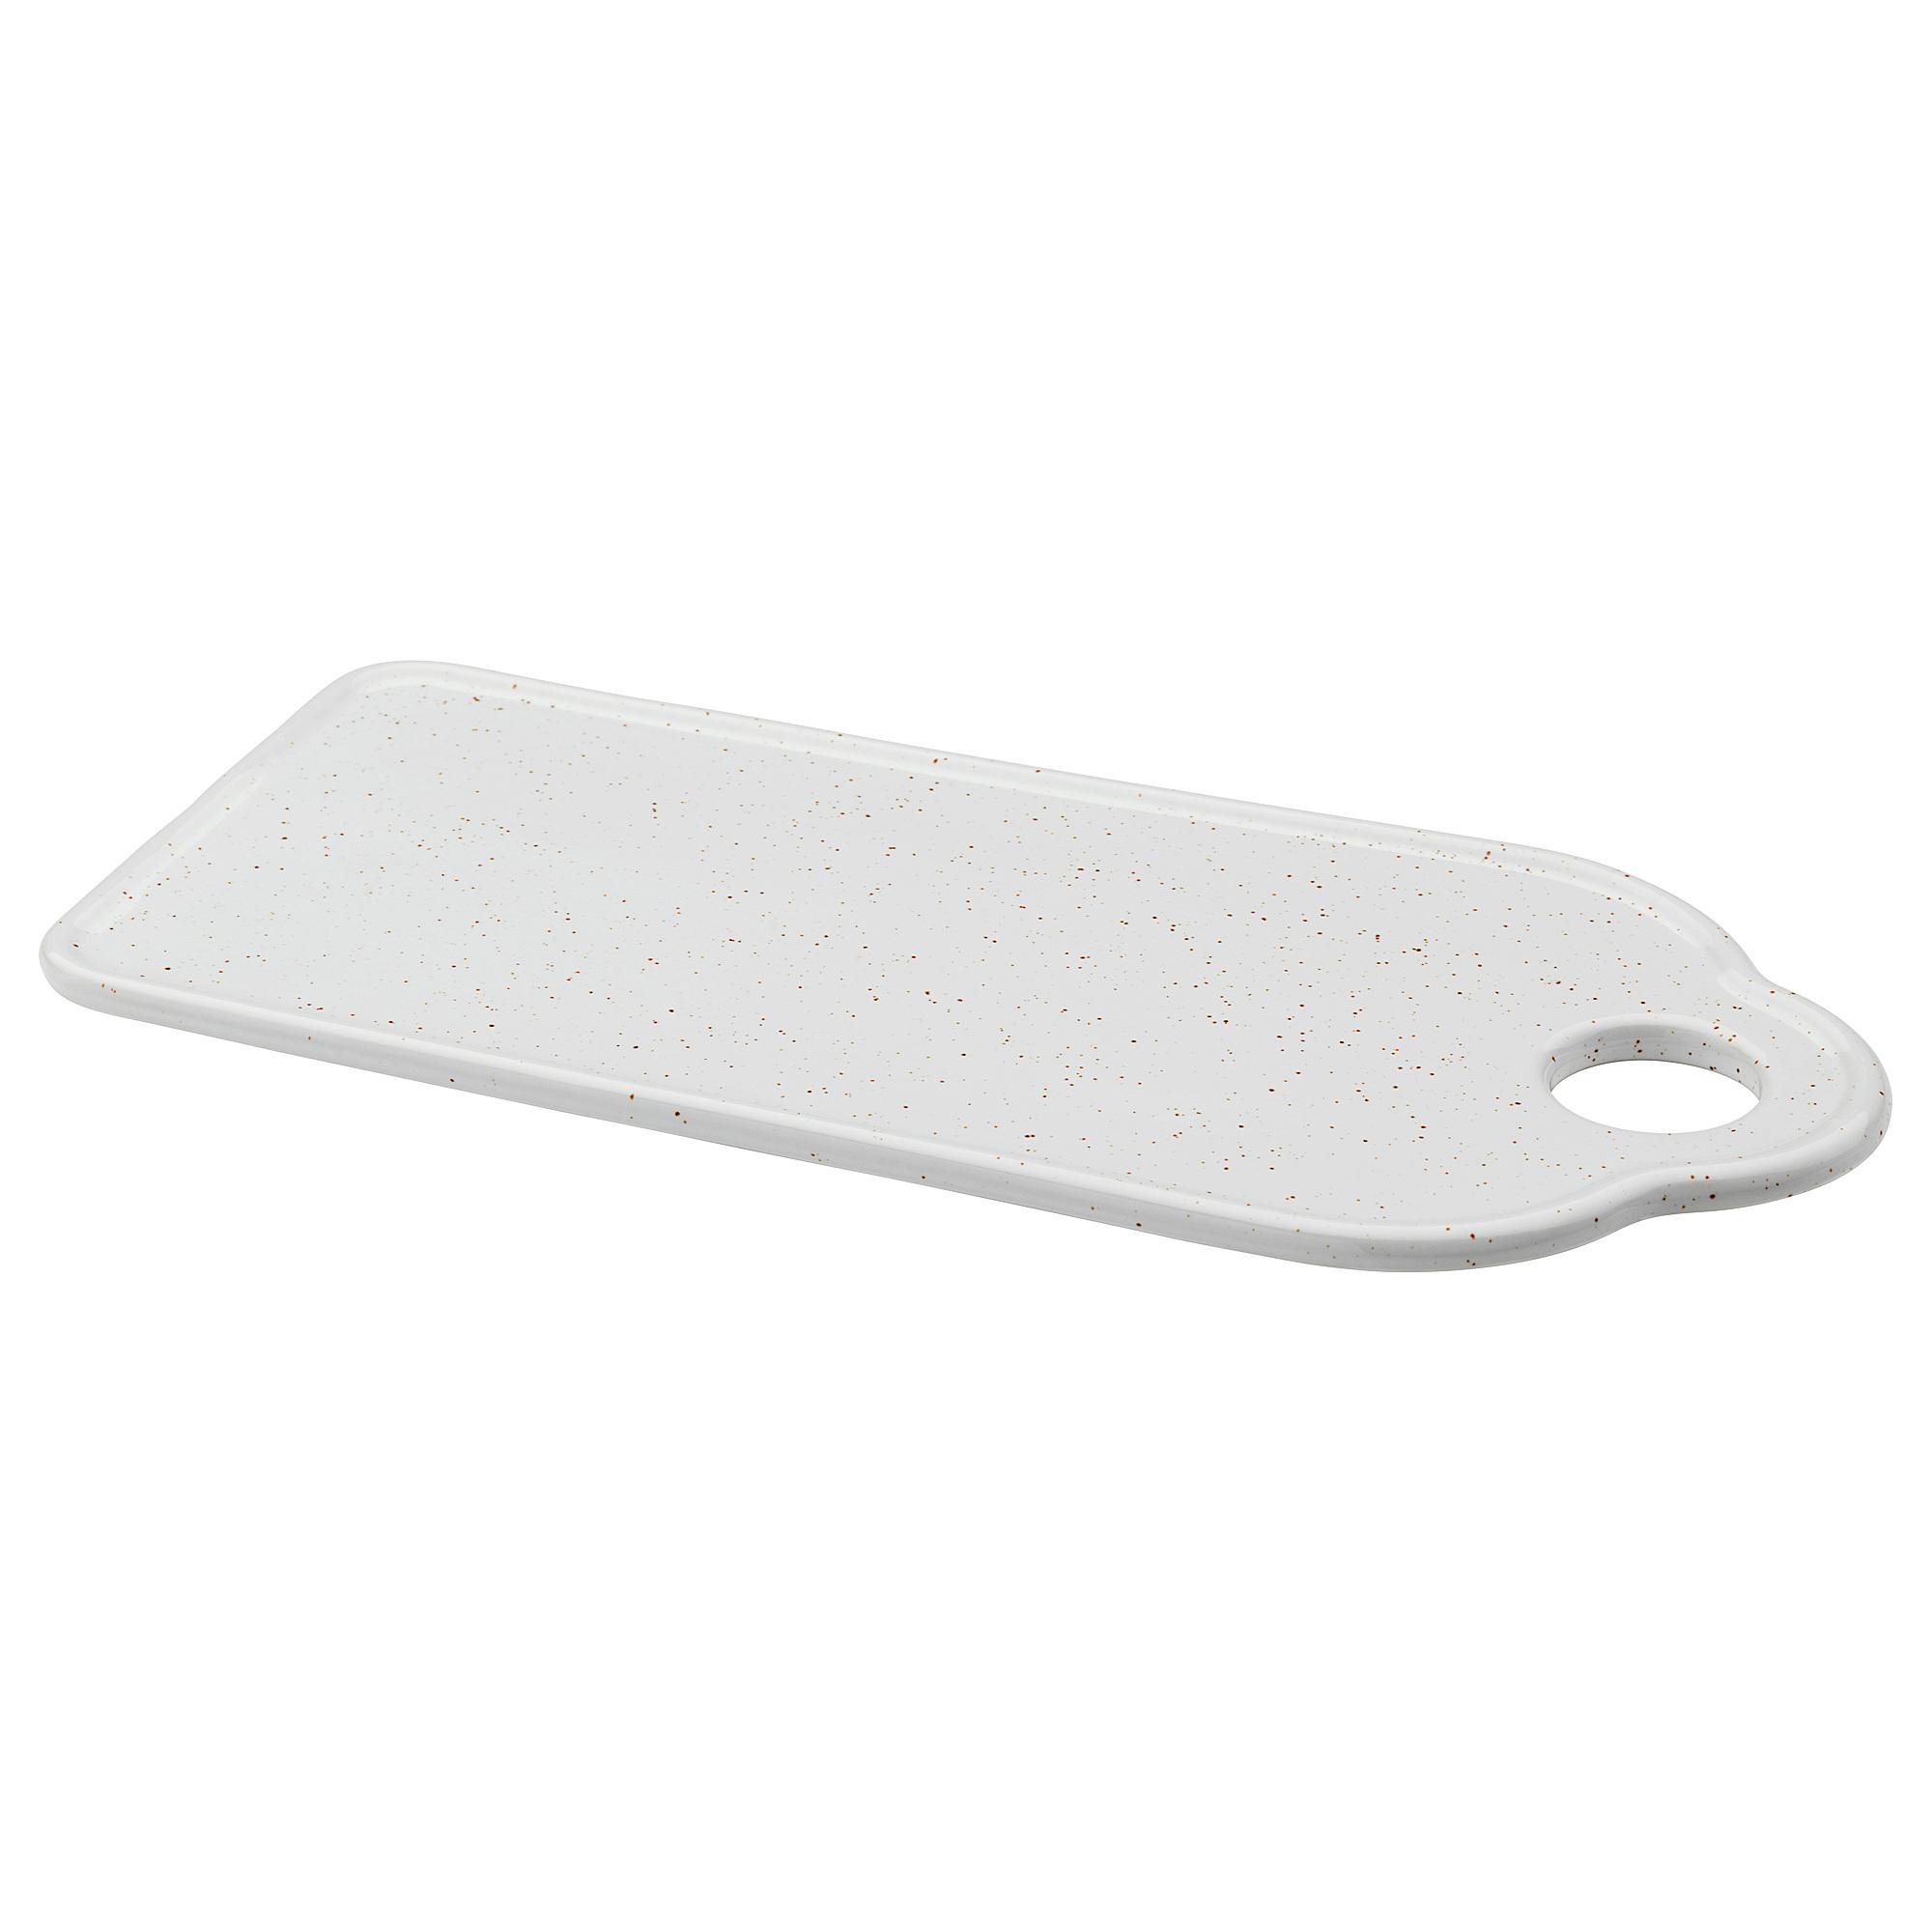 Блюдо КЭЛАСМАТ белый артикуль № 403.909.12 в наличии. Интернет магазин IKEA Республика Беларусь. Быстрая доставка и соборка.